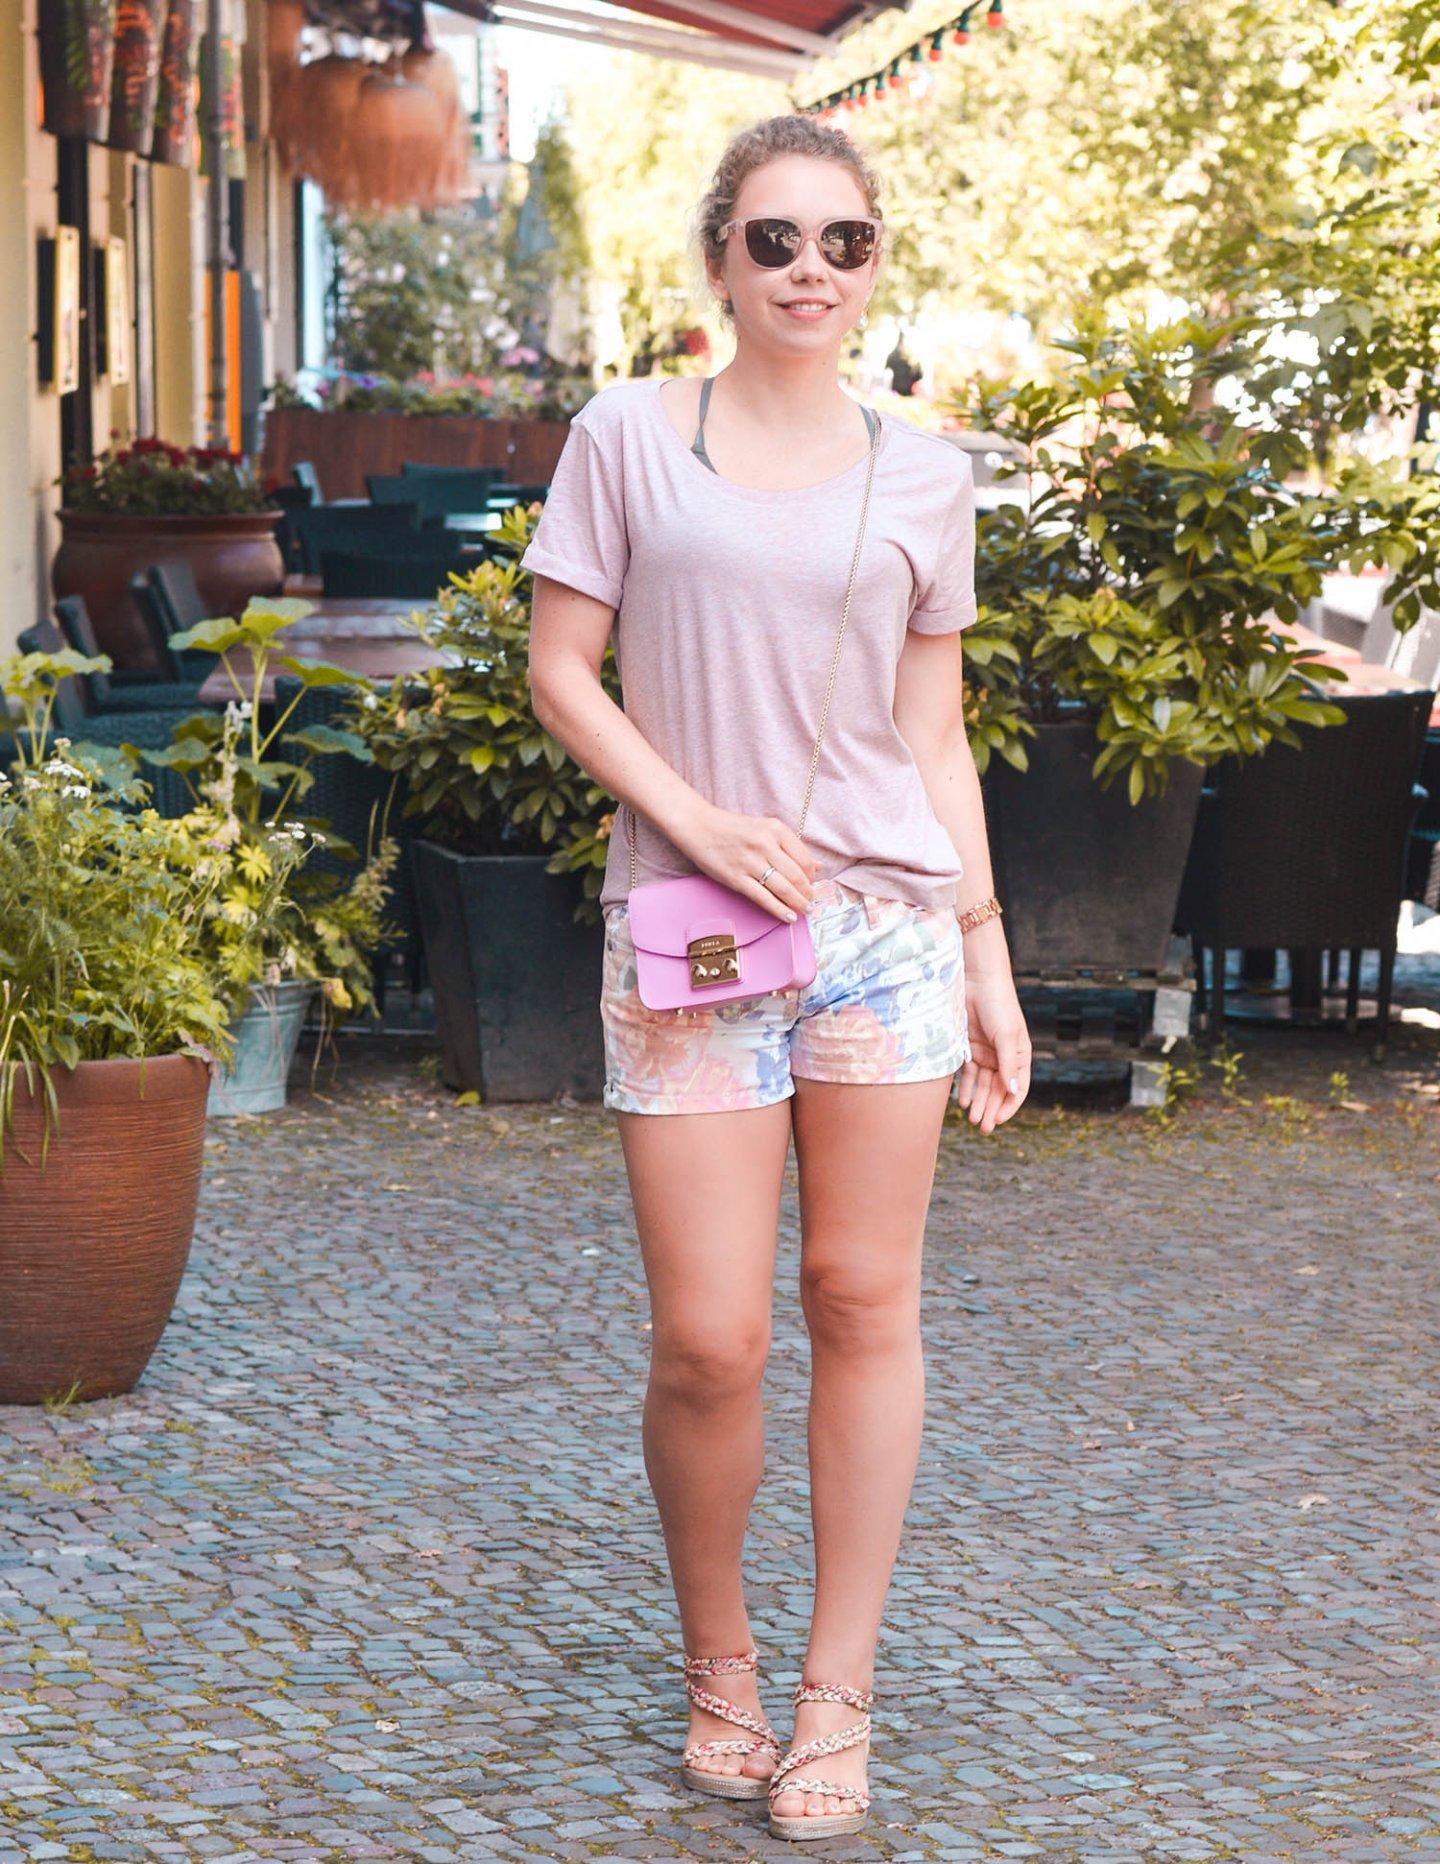 Sommerliche Kombi in Rosa - Kationette streetstyle Berlin